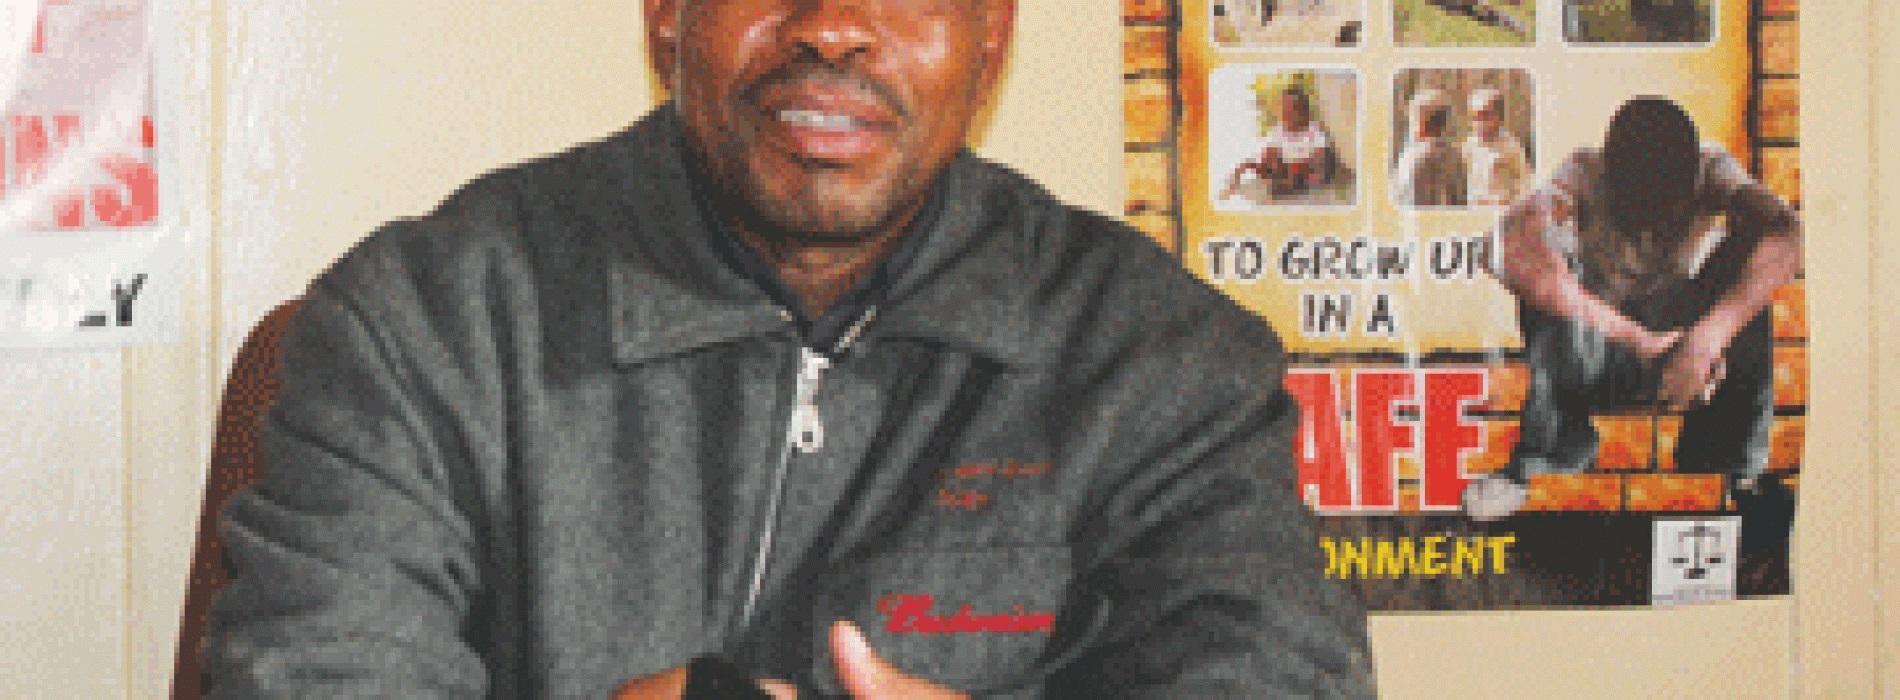 The dark gangs in Lesotho prisons